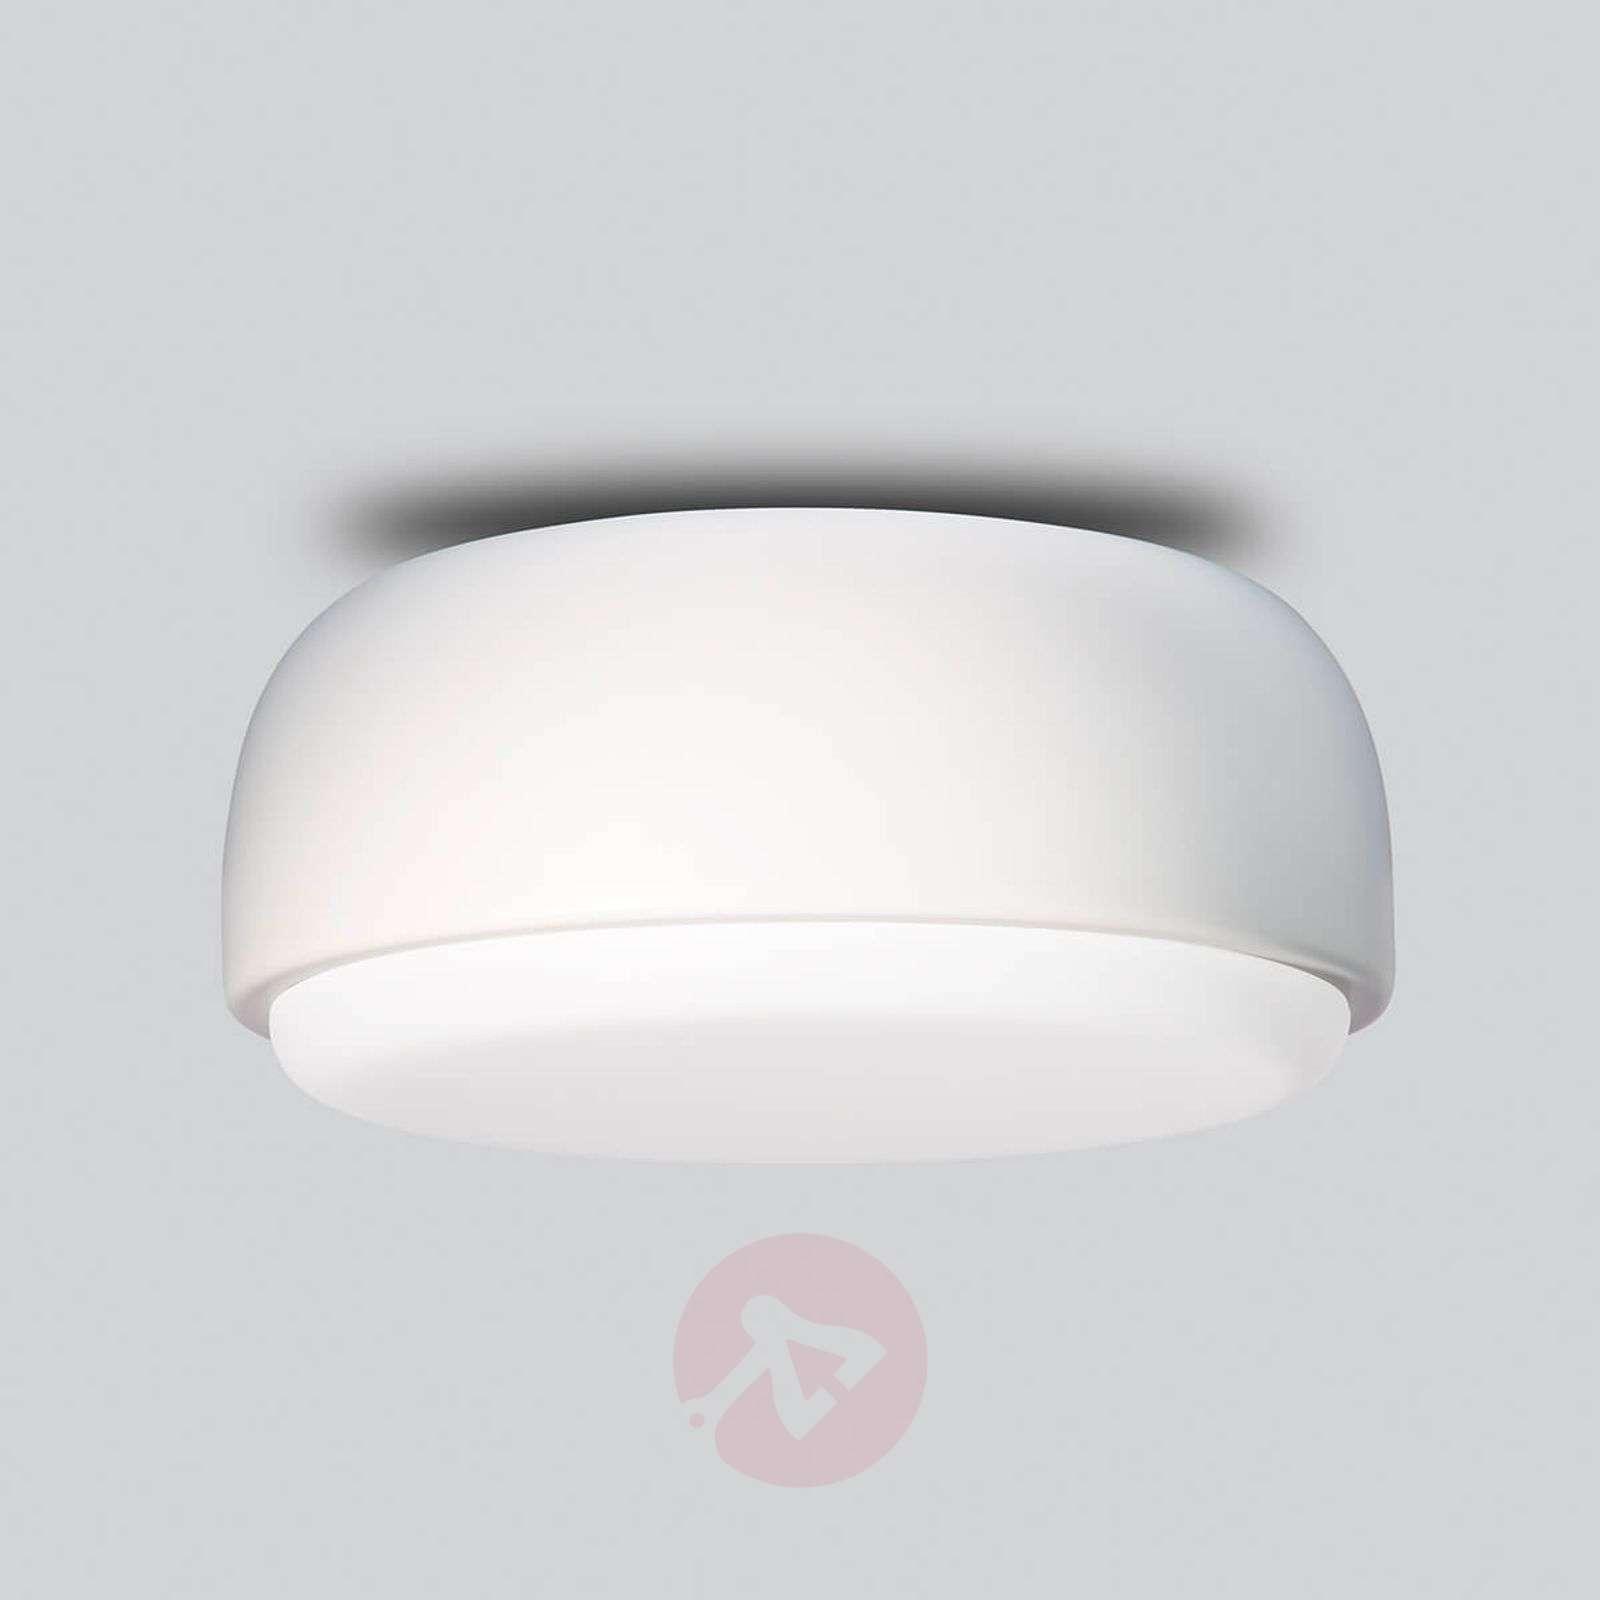 Valkoinen design-kattovalaisin Over Me-7013091X-01